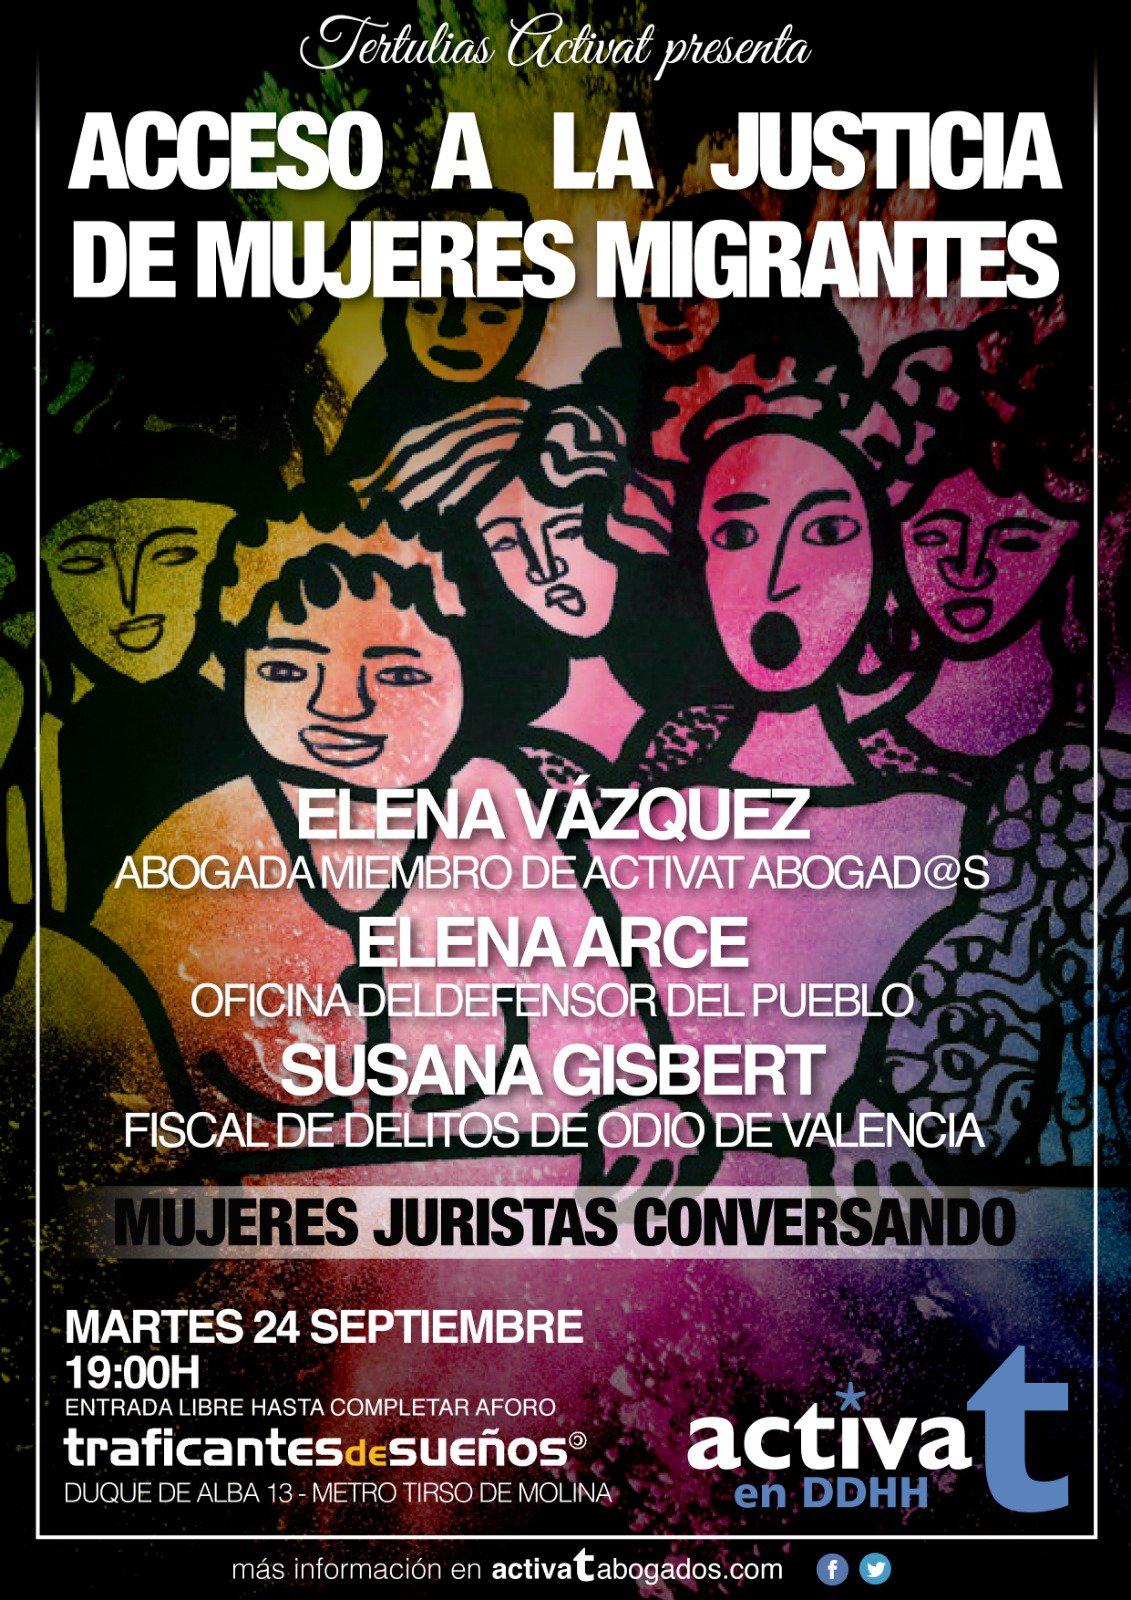 traficantes Acceso a la justicia de mujeres migrantes